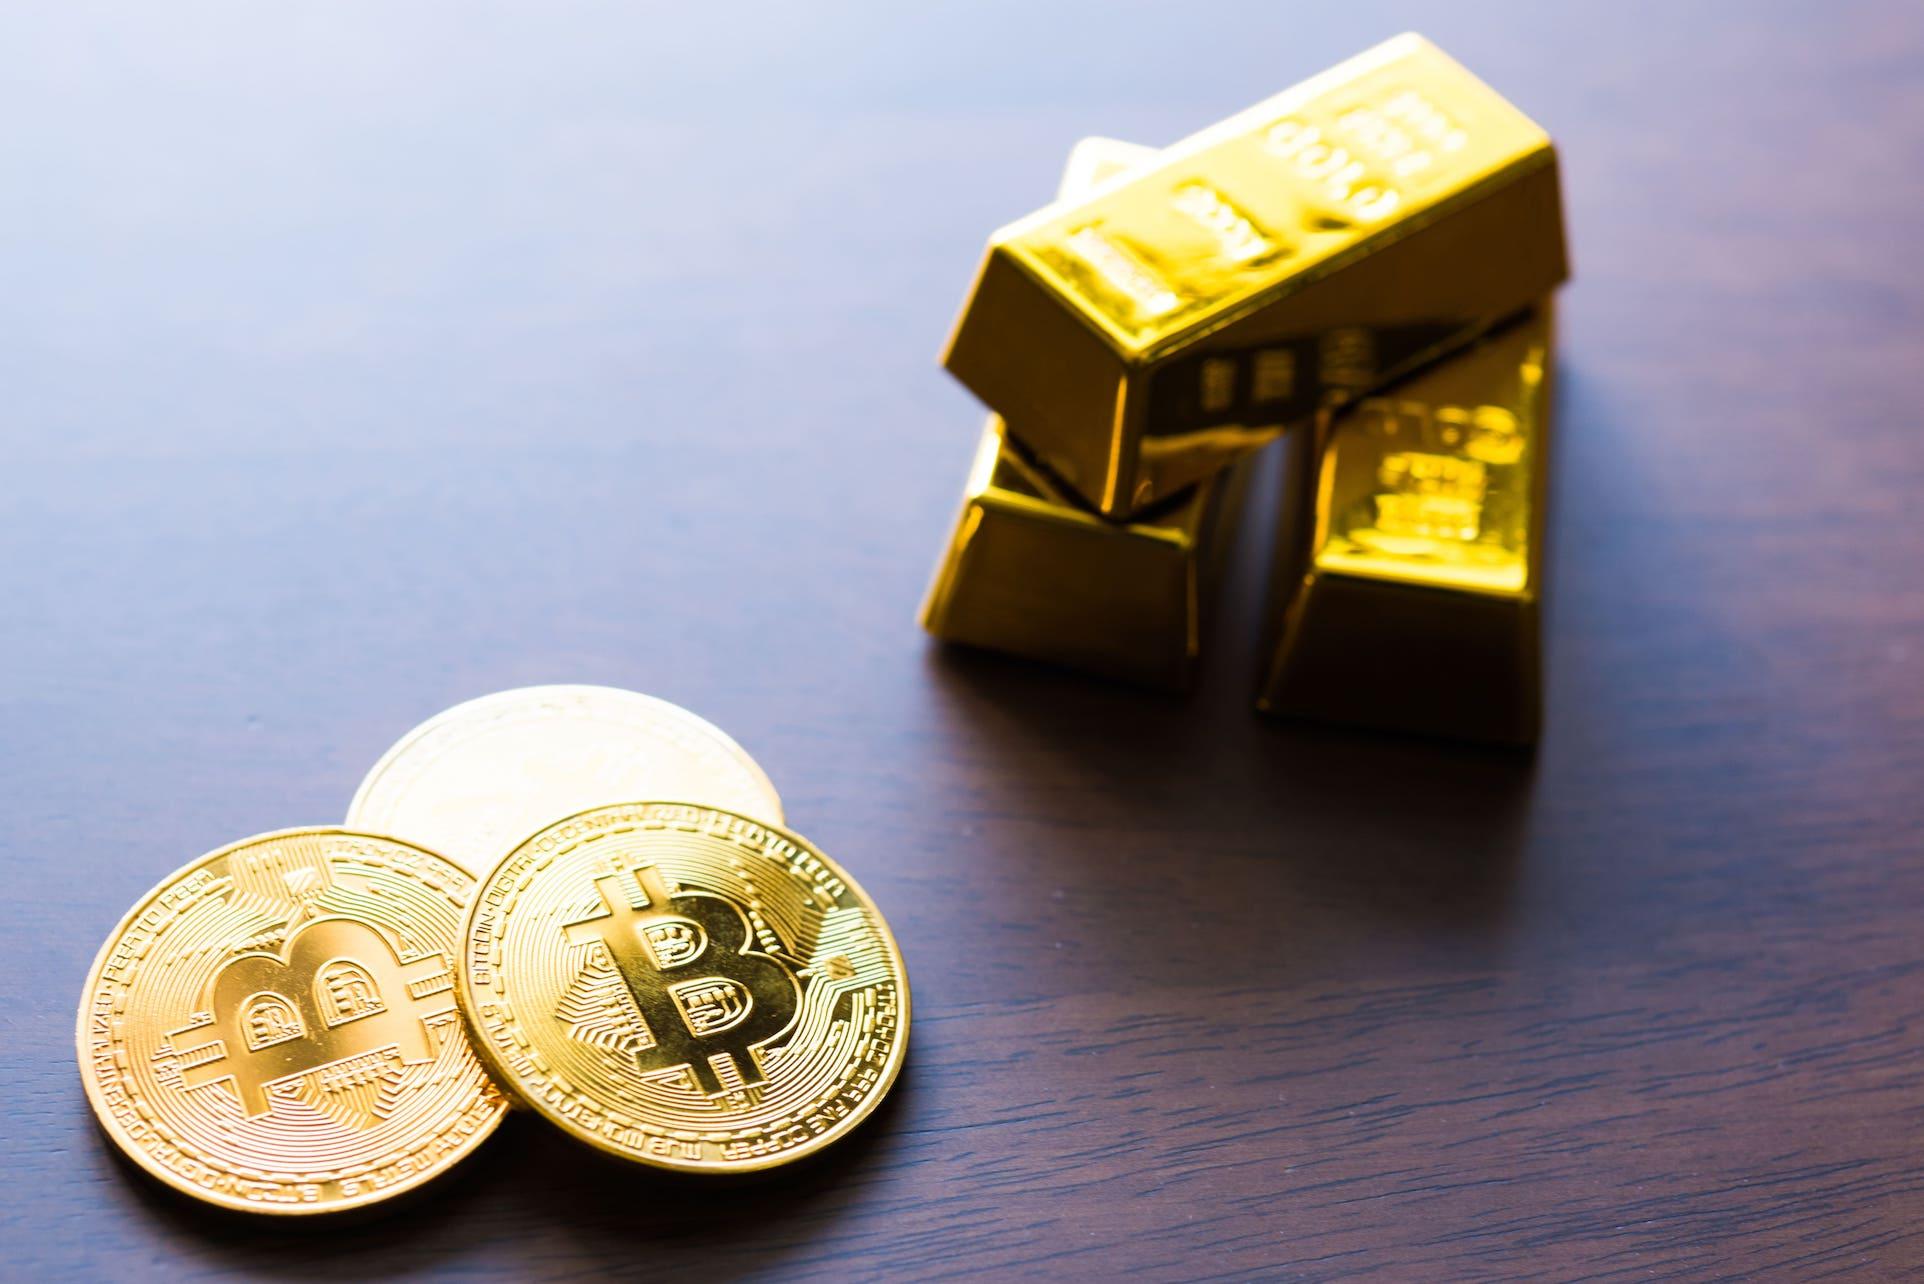 仮想通貨と他の金融商品の比較